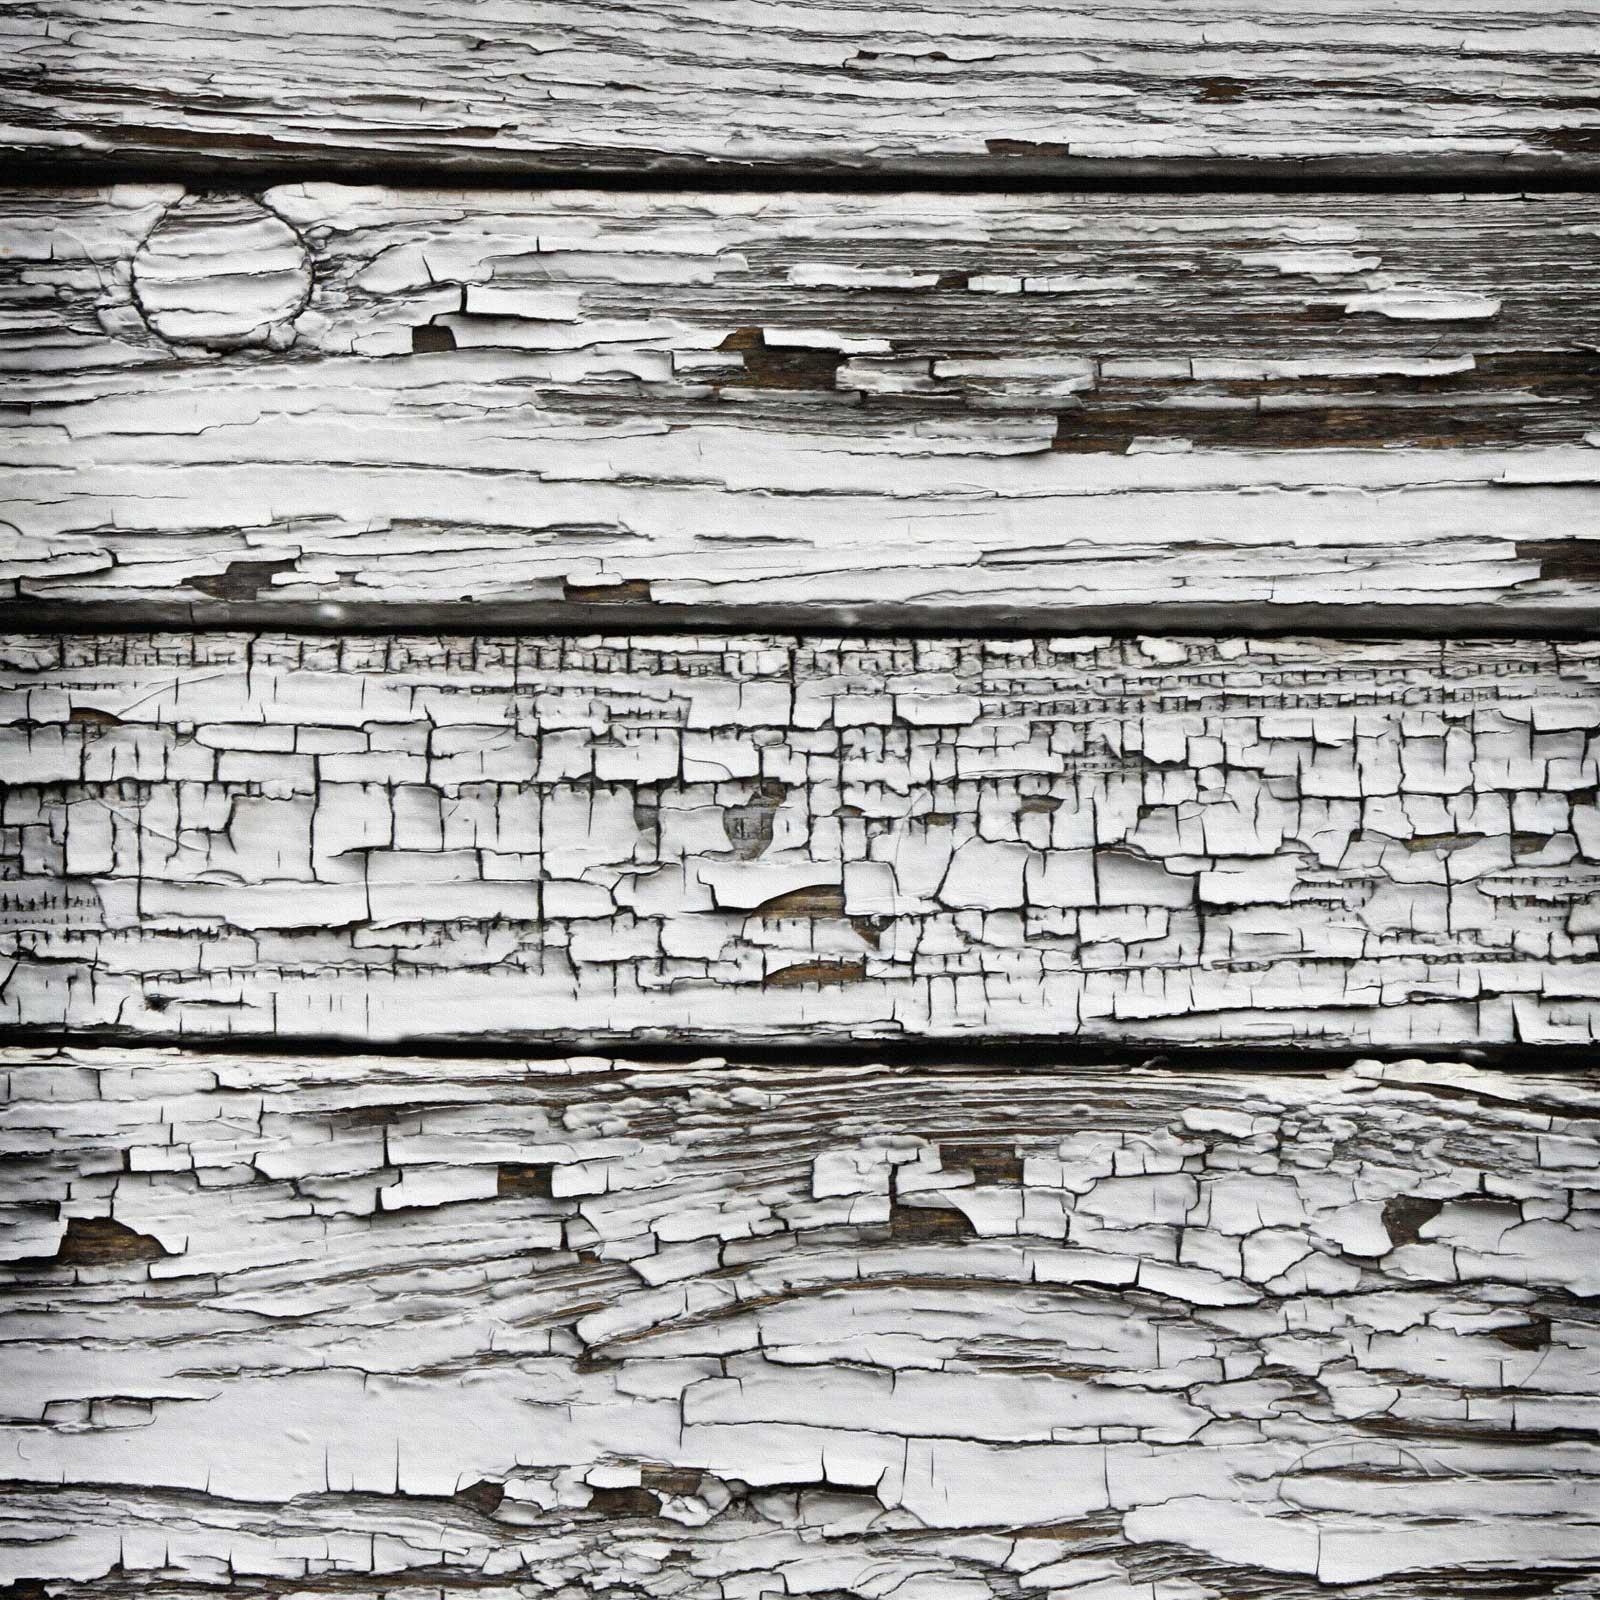 Неправильный выбор составов для наружных работ приведет к значительному сокращению срока эксплуатации покрытия, даже если первоначально изделие будет иметь довольно хороший внешний вид